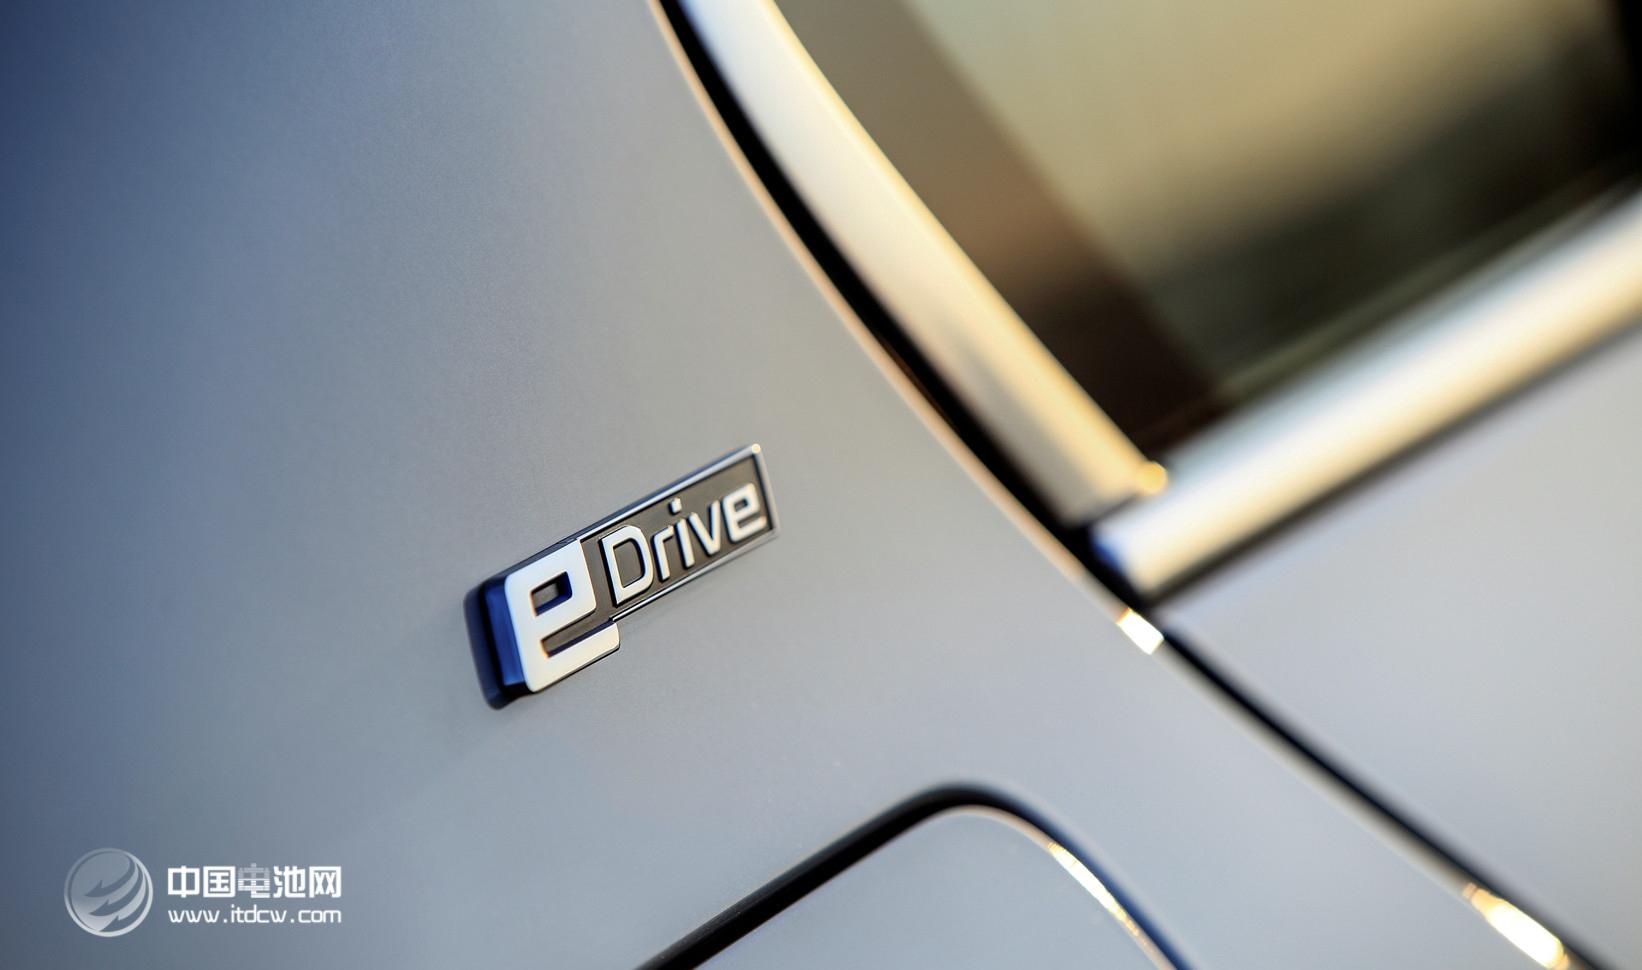 新能源电动车利好再现  实力微型电动车企业见到曙光